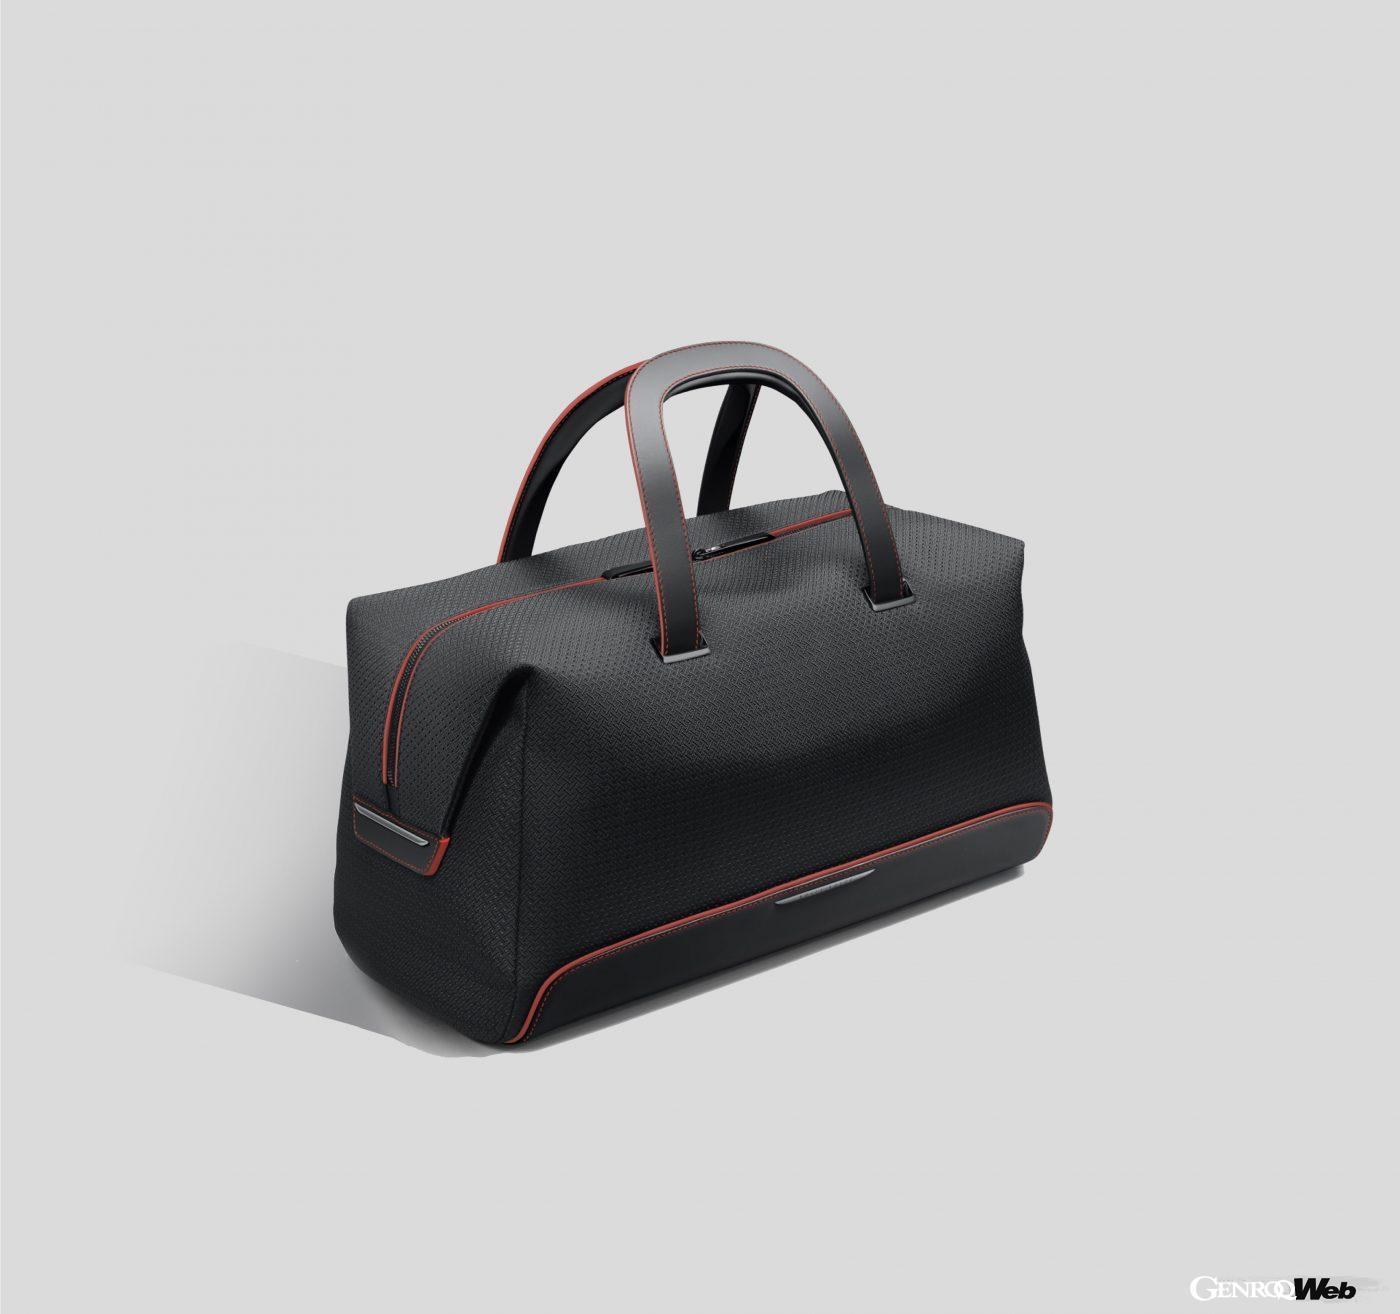 「ロールス・ロイスを「持ち歩く」! 新作バッグコレクションに見るラグジュアリーの新しい姿」の9枚目の画像